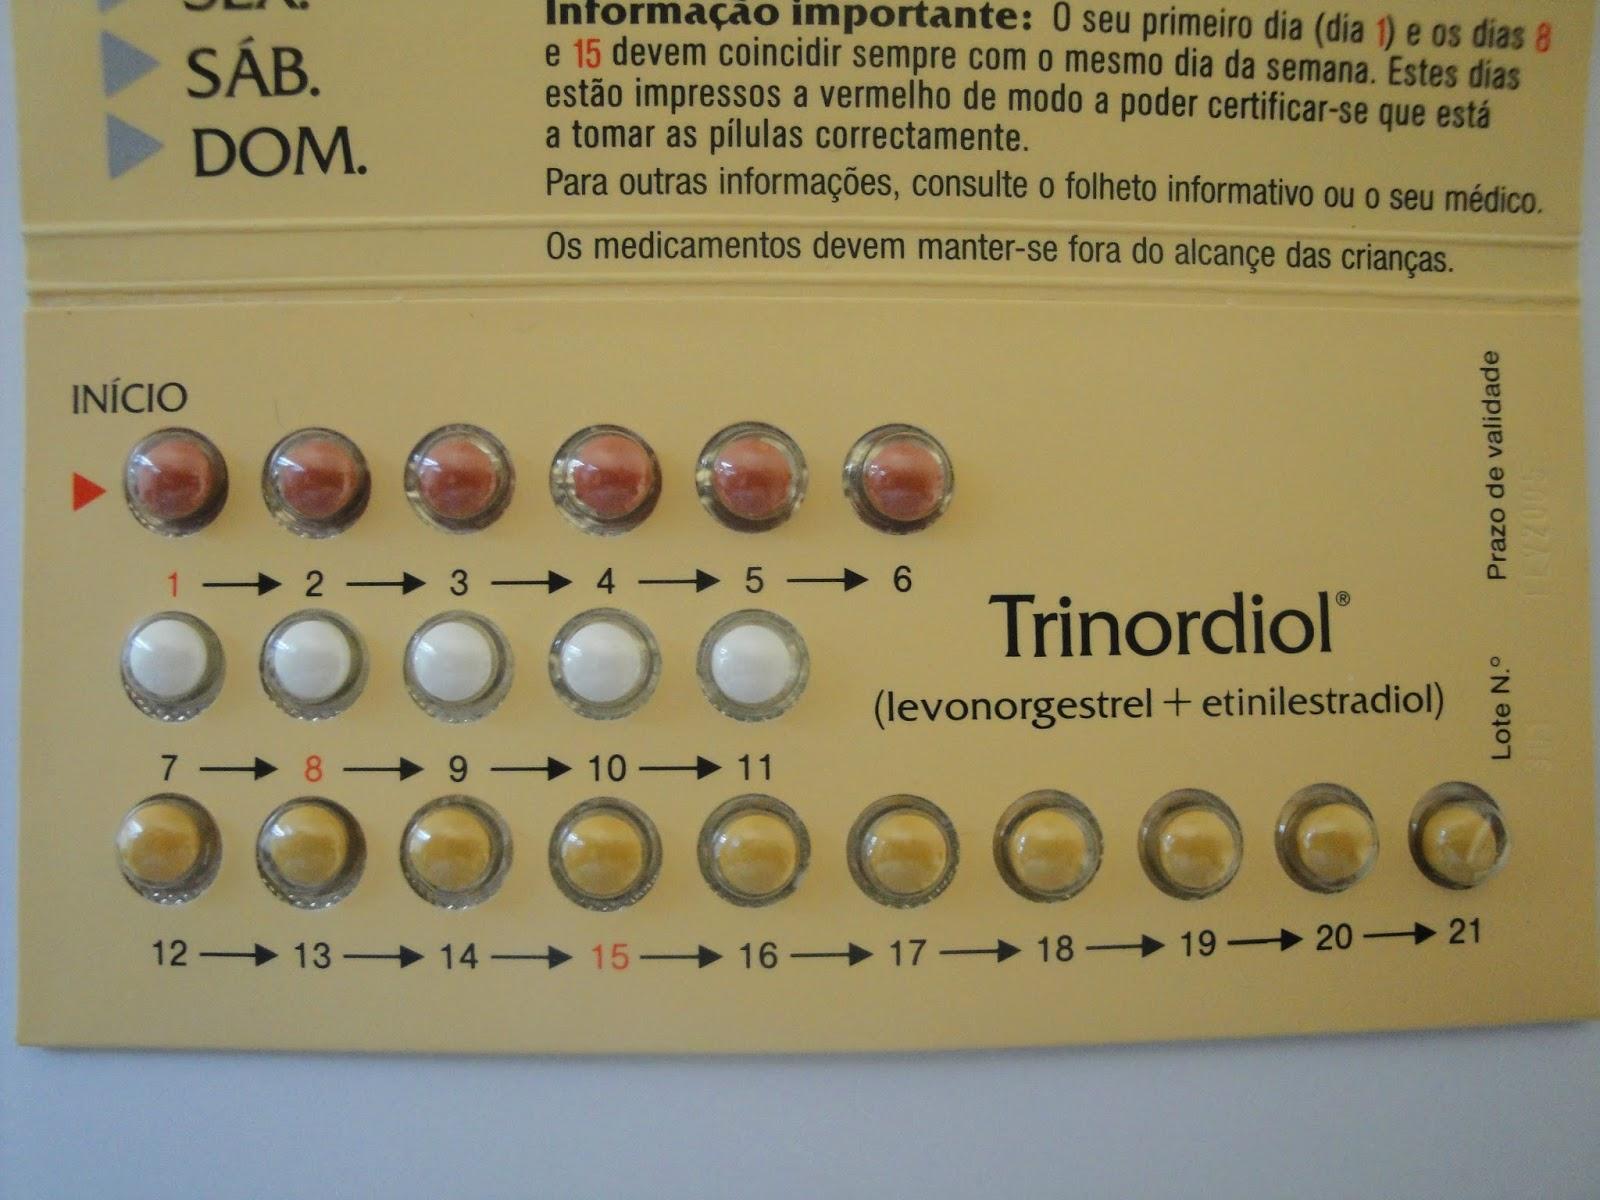 Trinordiol - 21 comprimidos